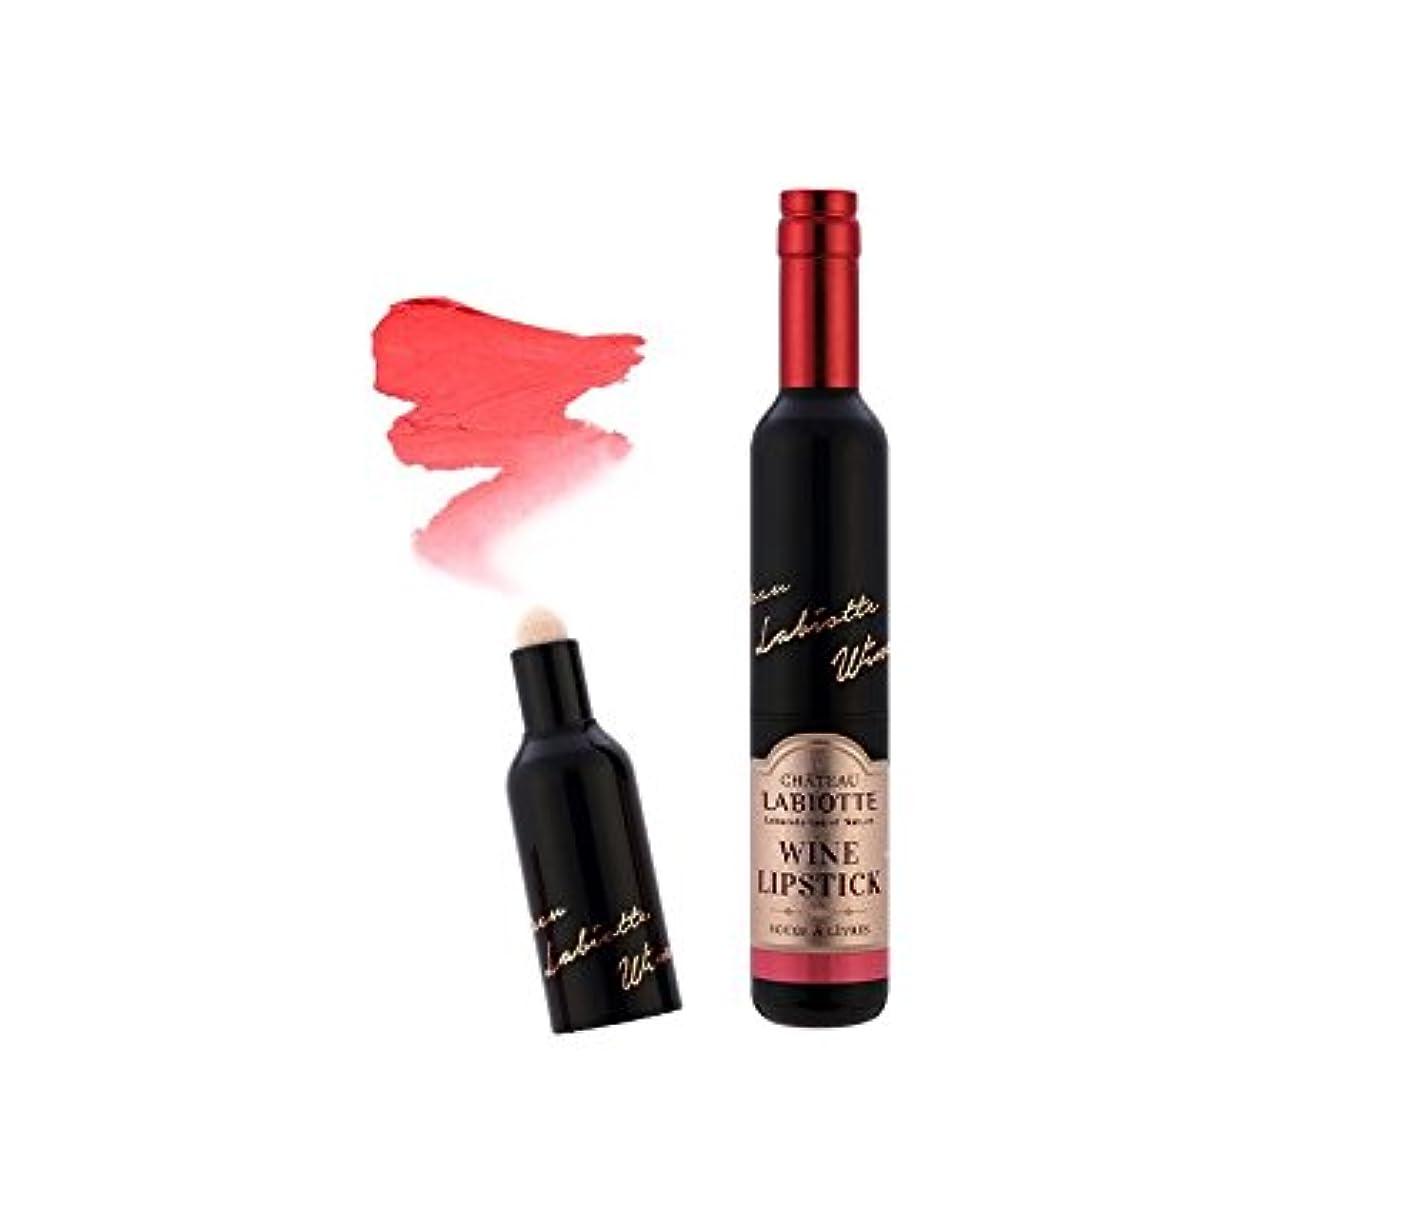 沈黙一元化する前進LABIOTTE (ラビオッテ) シャトーラテ ワイン リップ グロス 口紅 Melting [海外直送品] Labiotte Wine Lipstick Fitting (RD03 Cabernet Red)